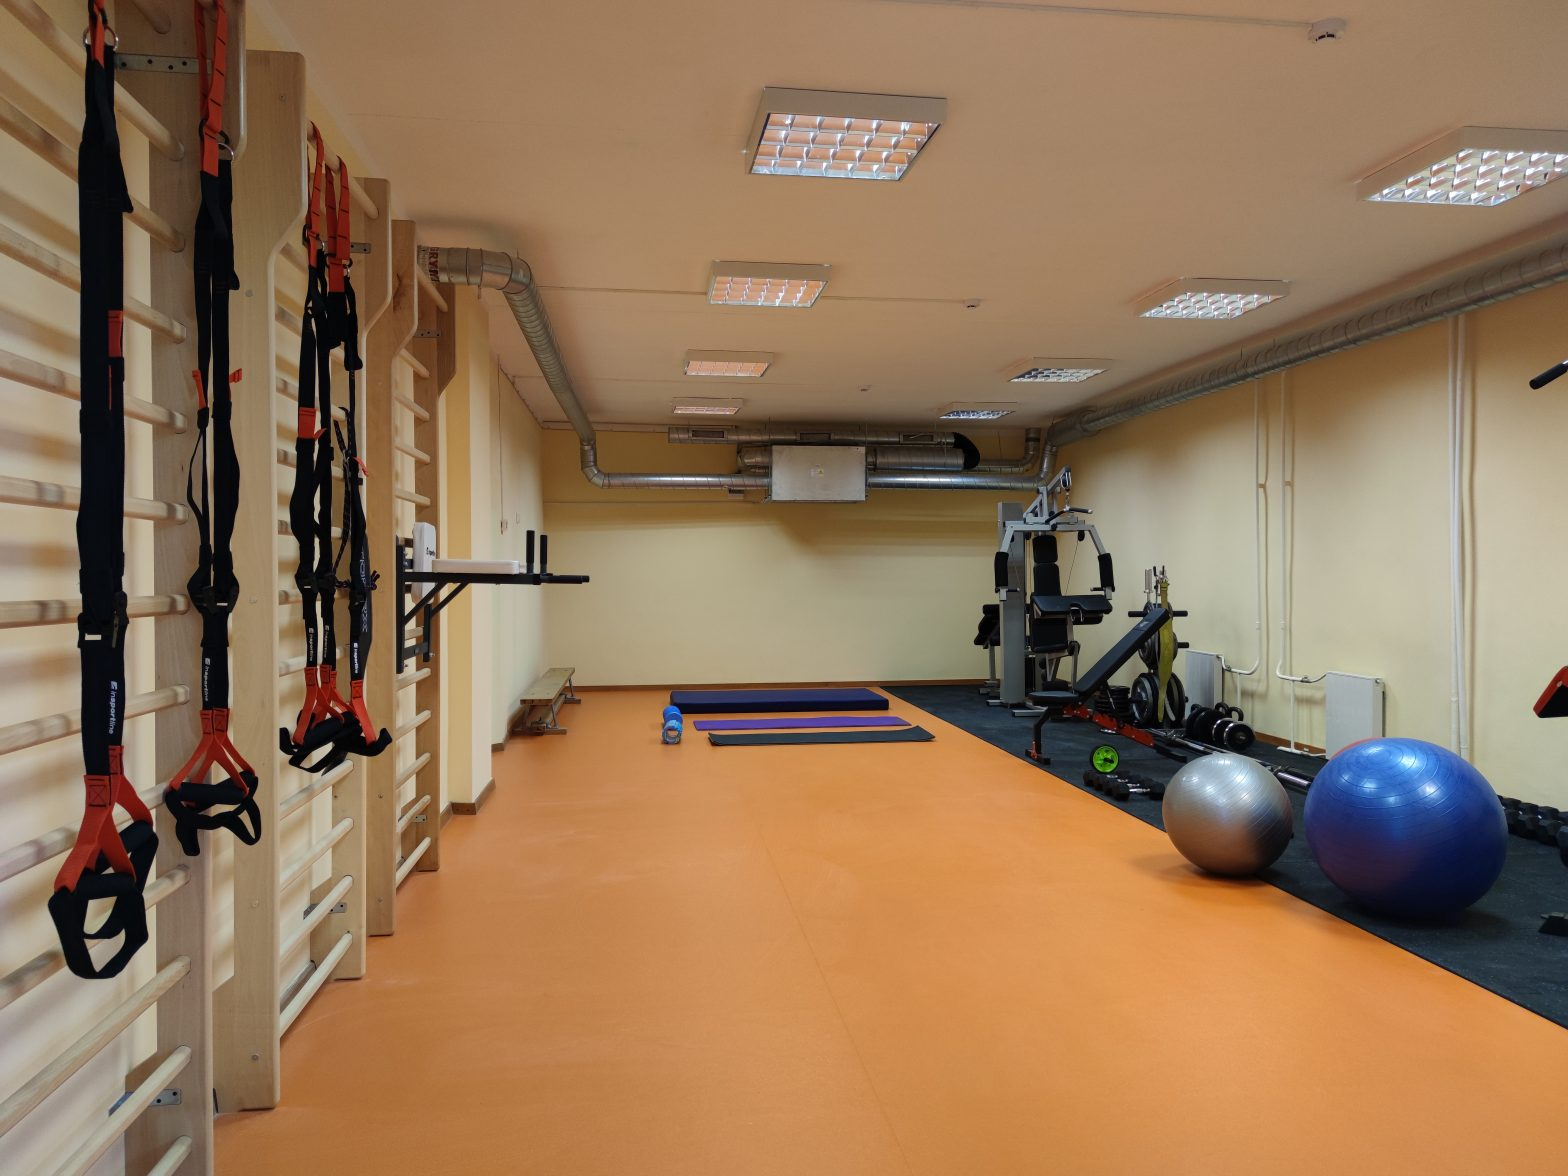 Atnaujinta profesinio mokymo centro sporto erdvė Visagine kviečia sportuoti miestiečius